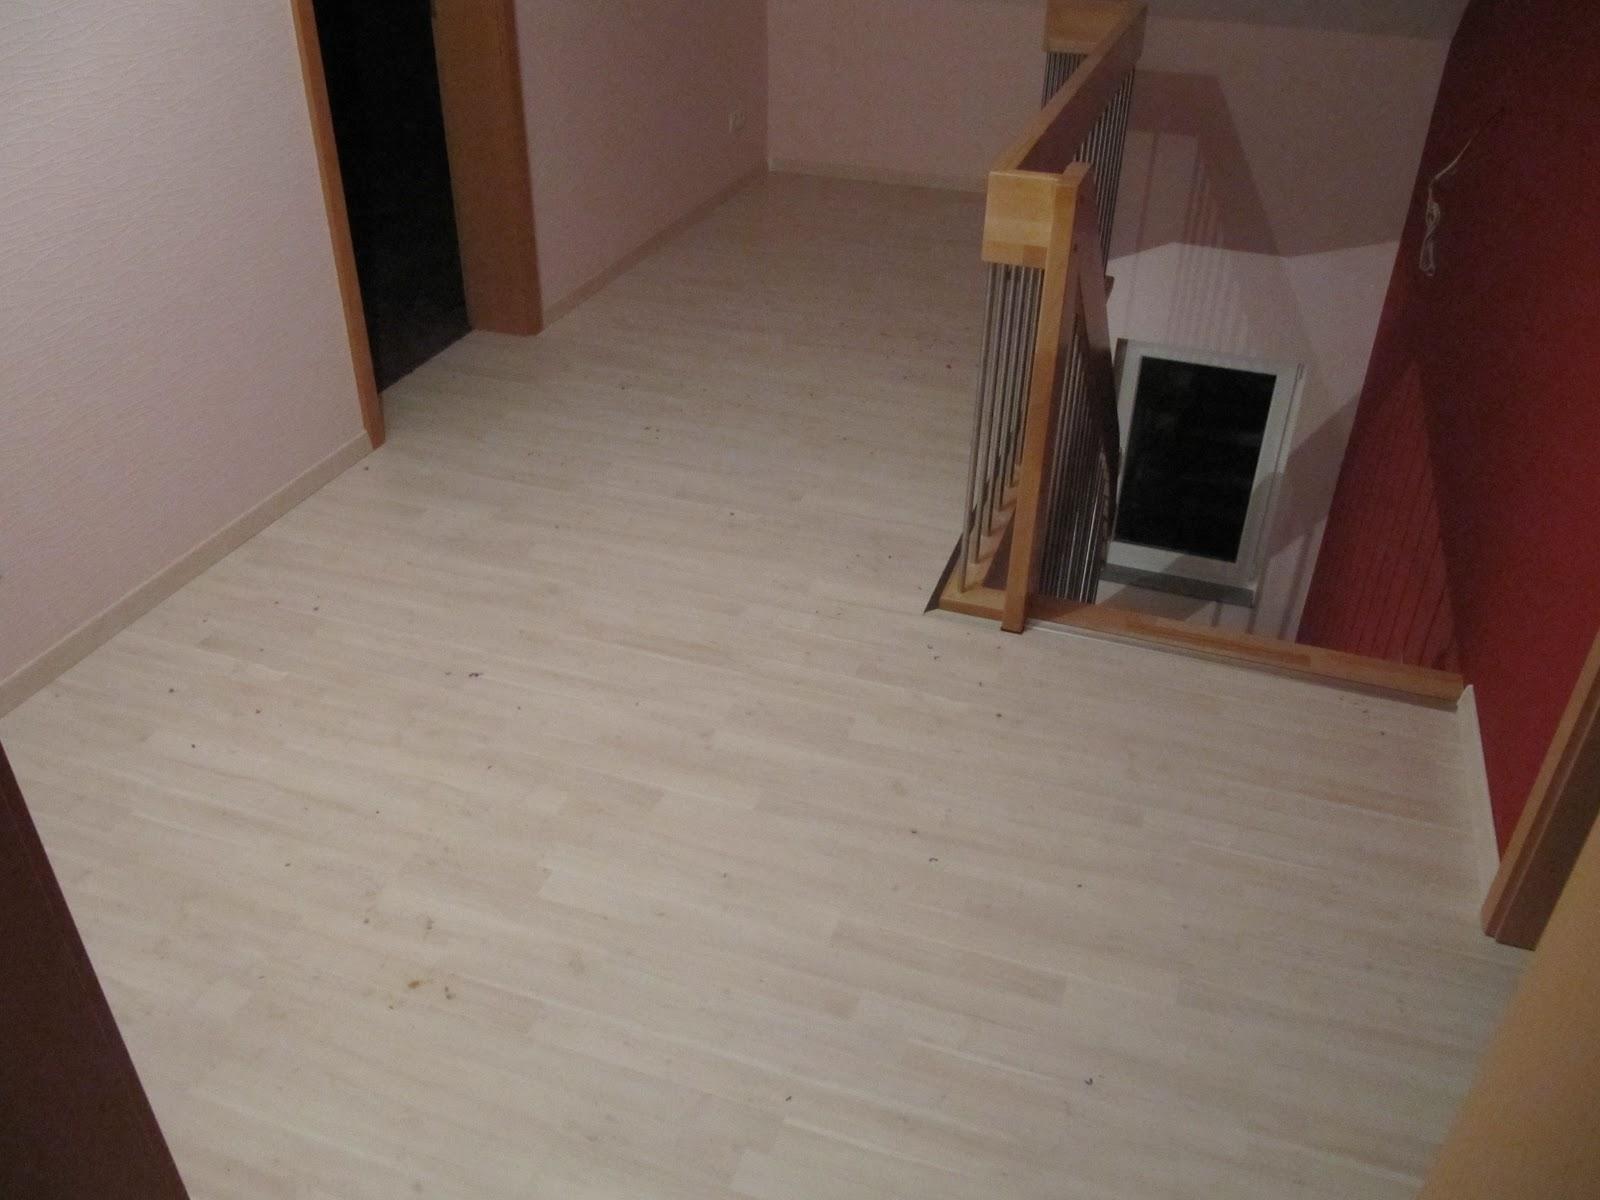 projekt schnitzelbude laminat im flur teppich im. Black Bedroom Furniture Sets. Home Design Ideas